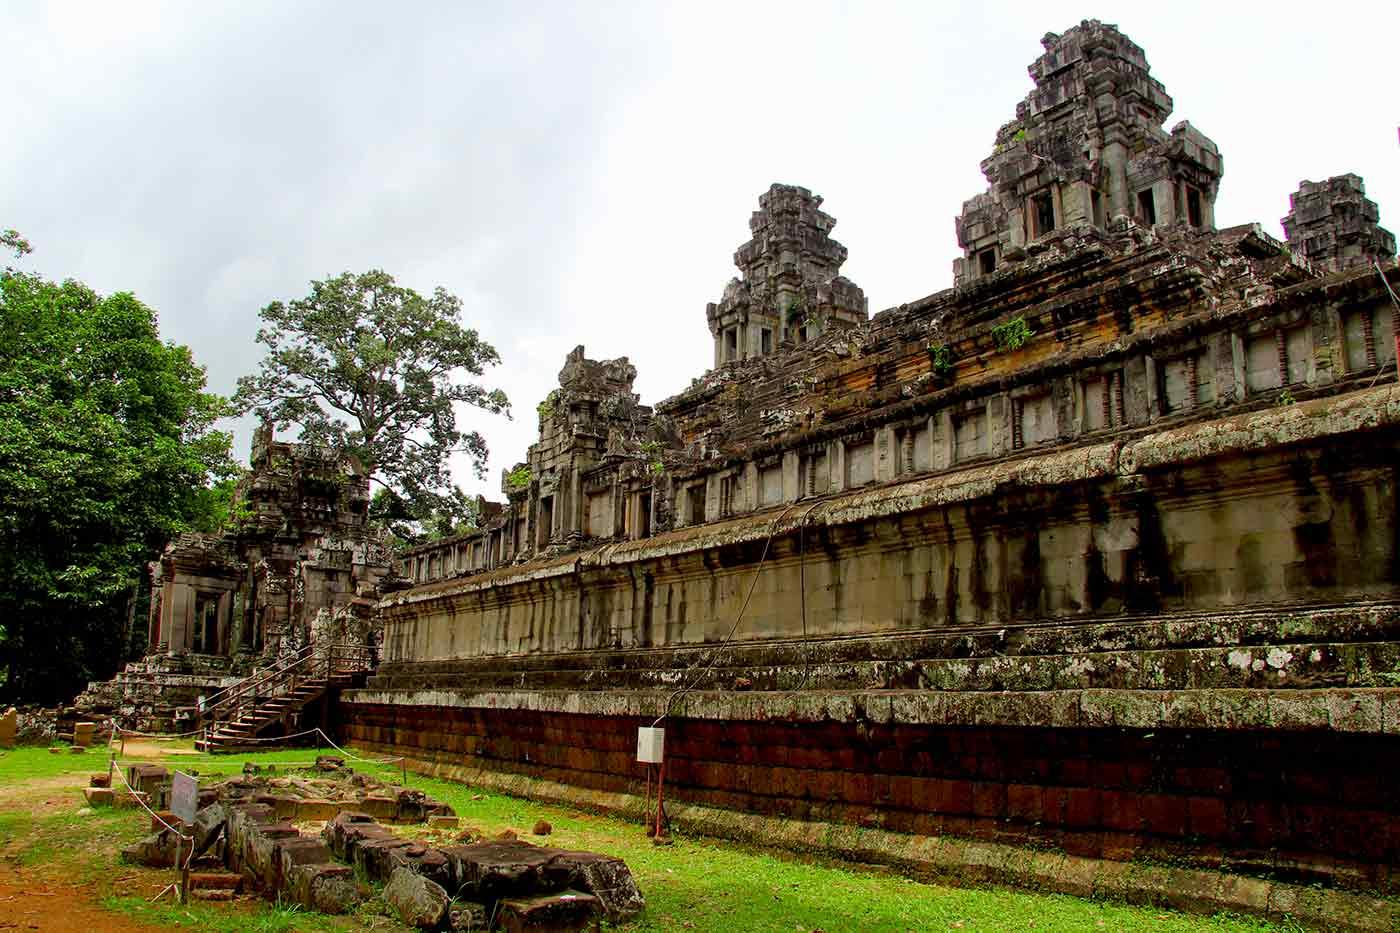 Ta Keo - Angkor Tempel, Kambodscha